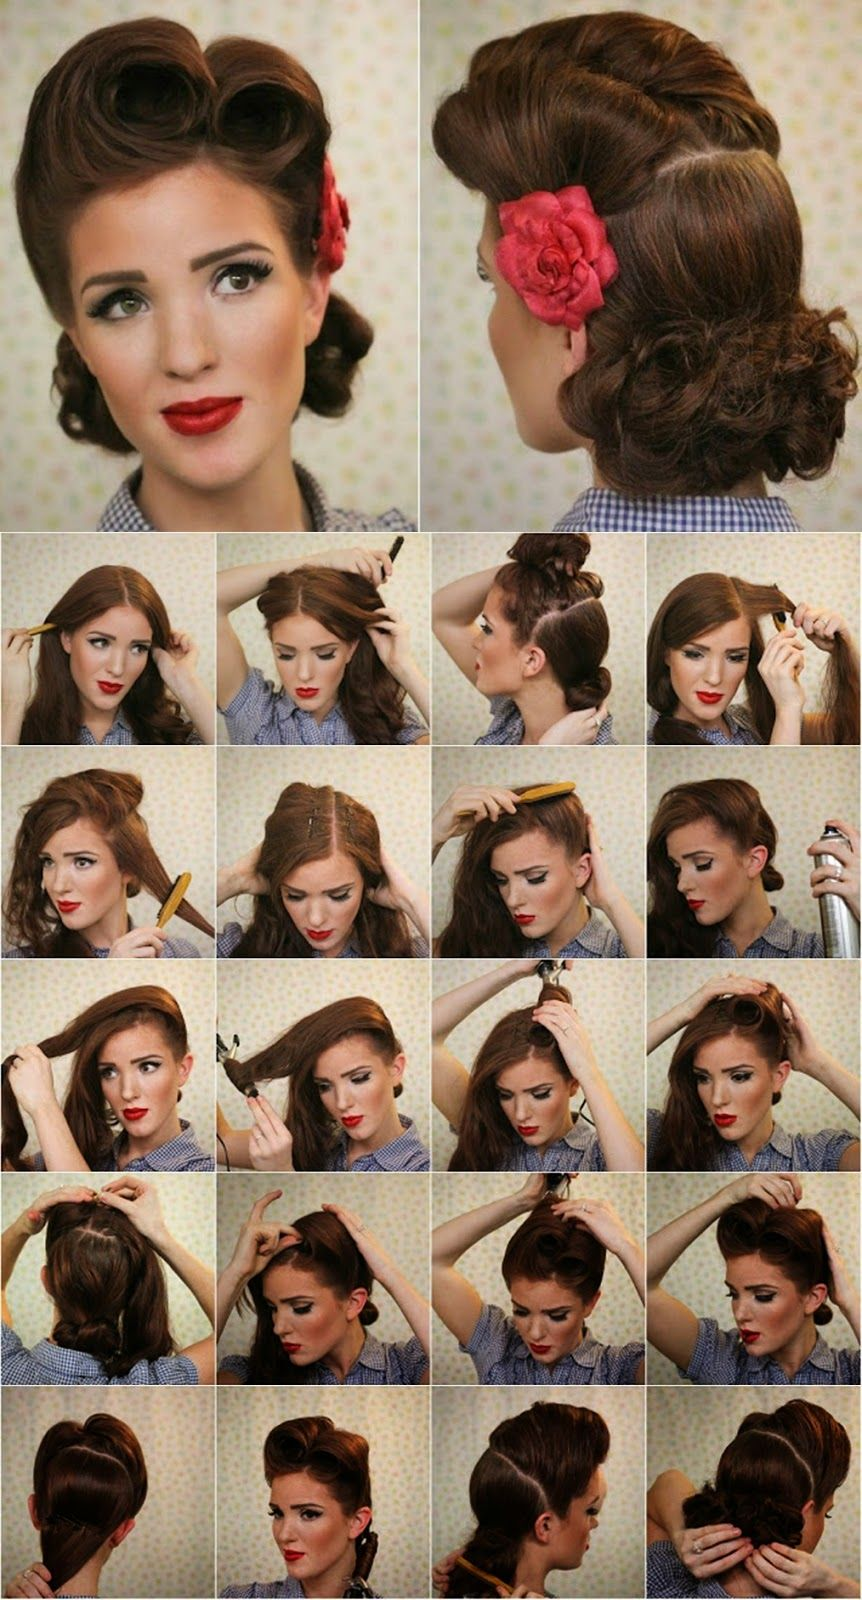 Die Rockabilly Frisur Durch Den Blick Der Modernen Frau Frisuren